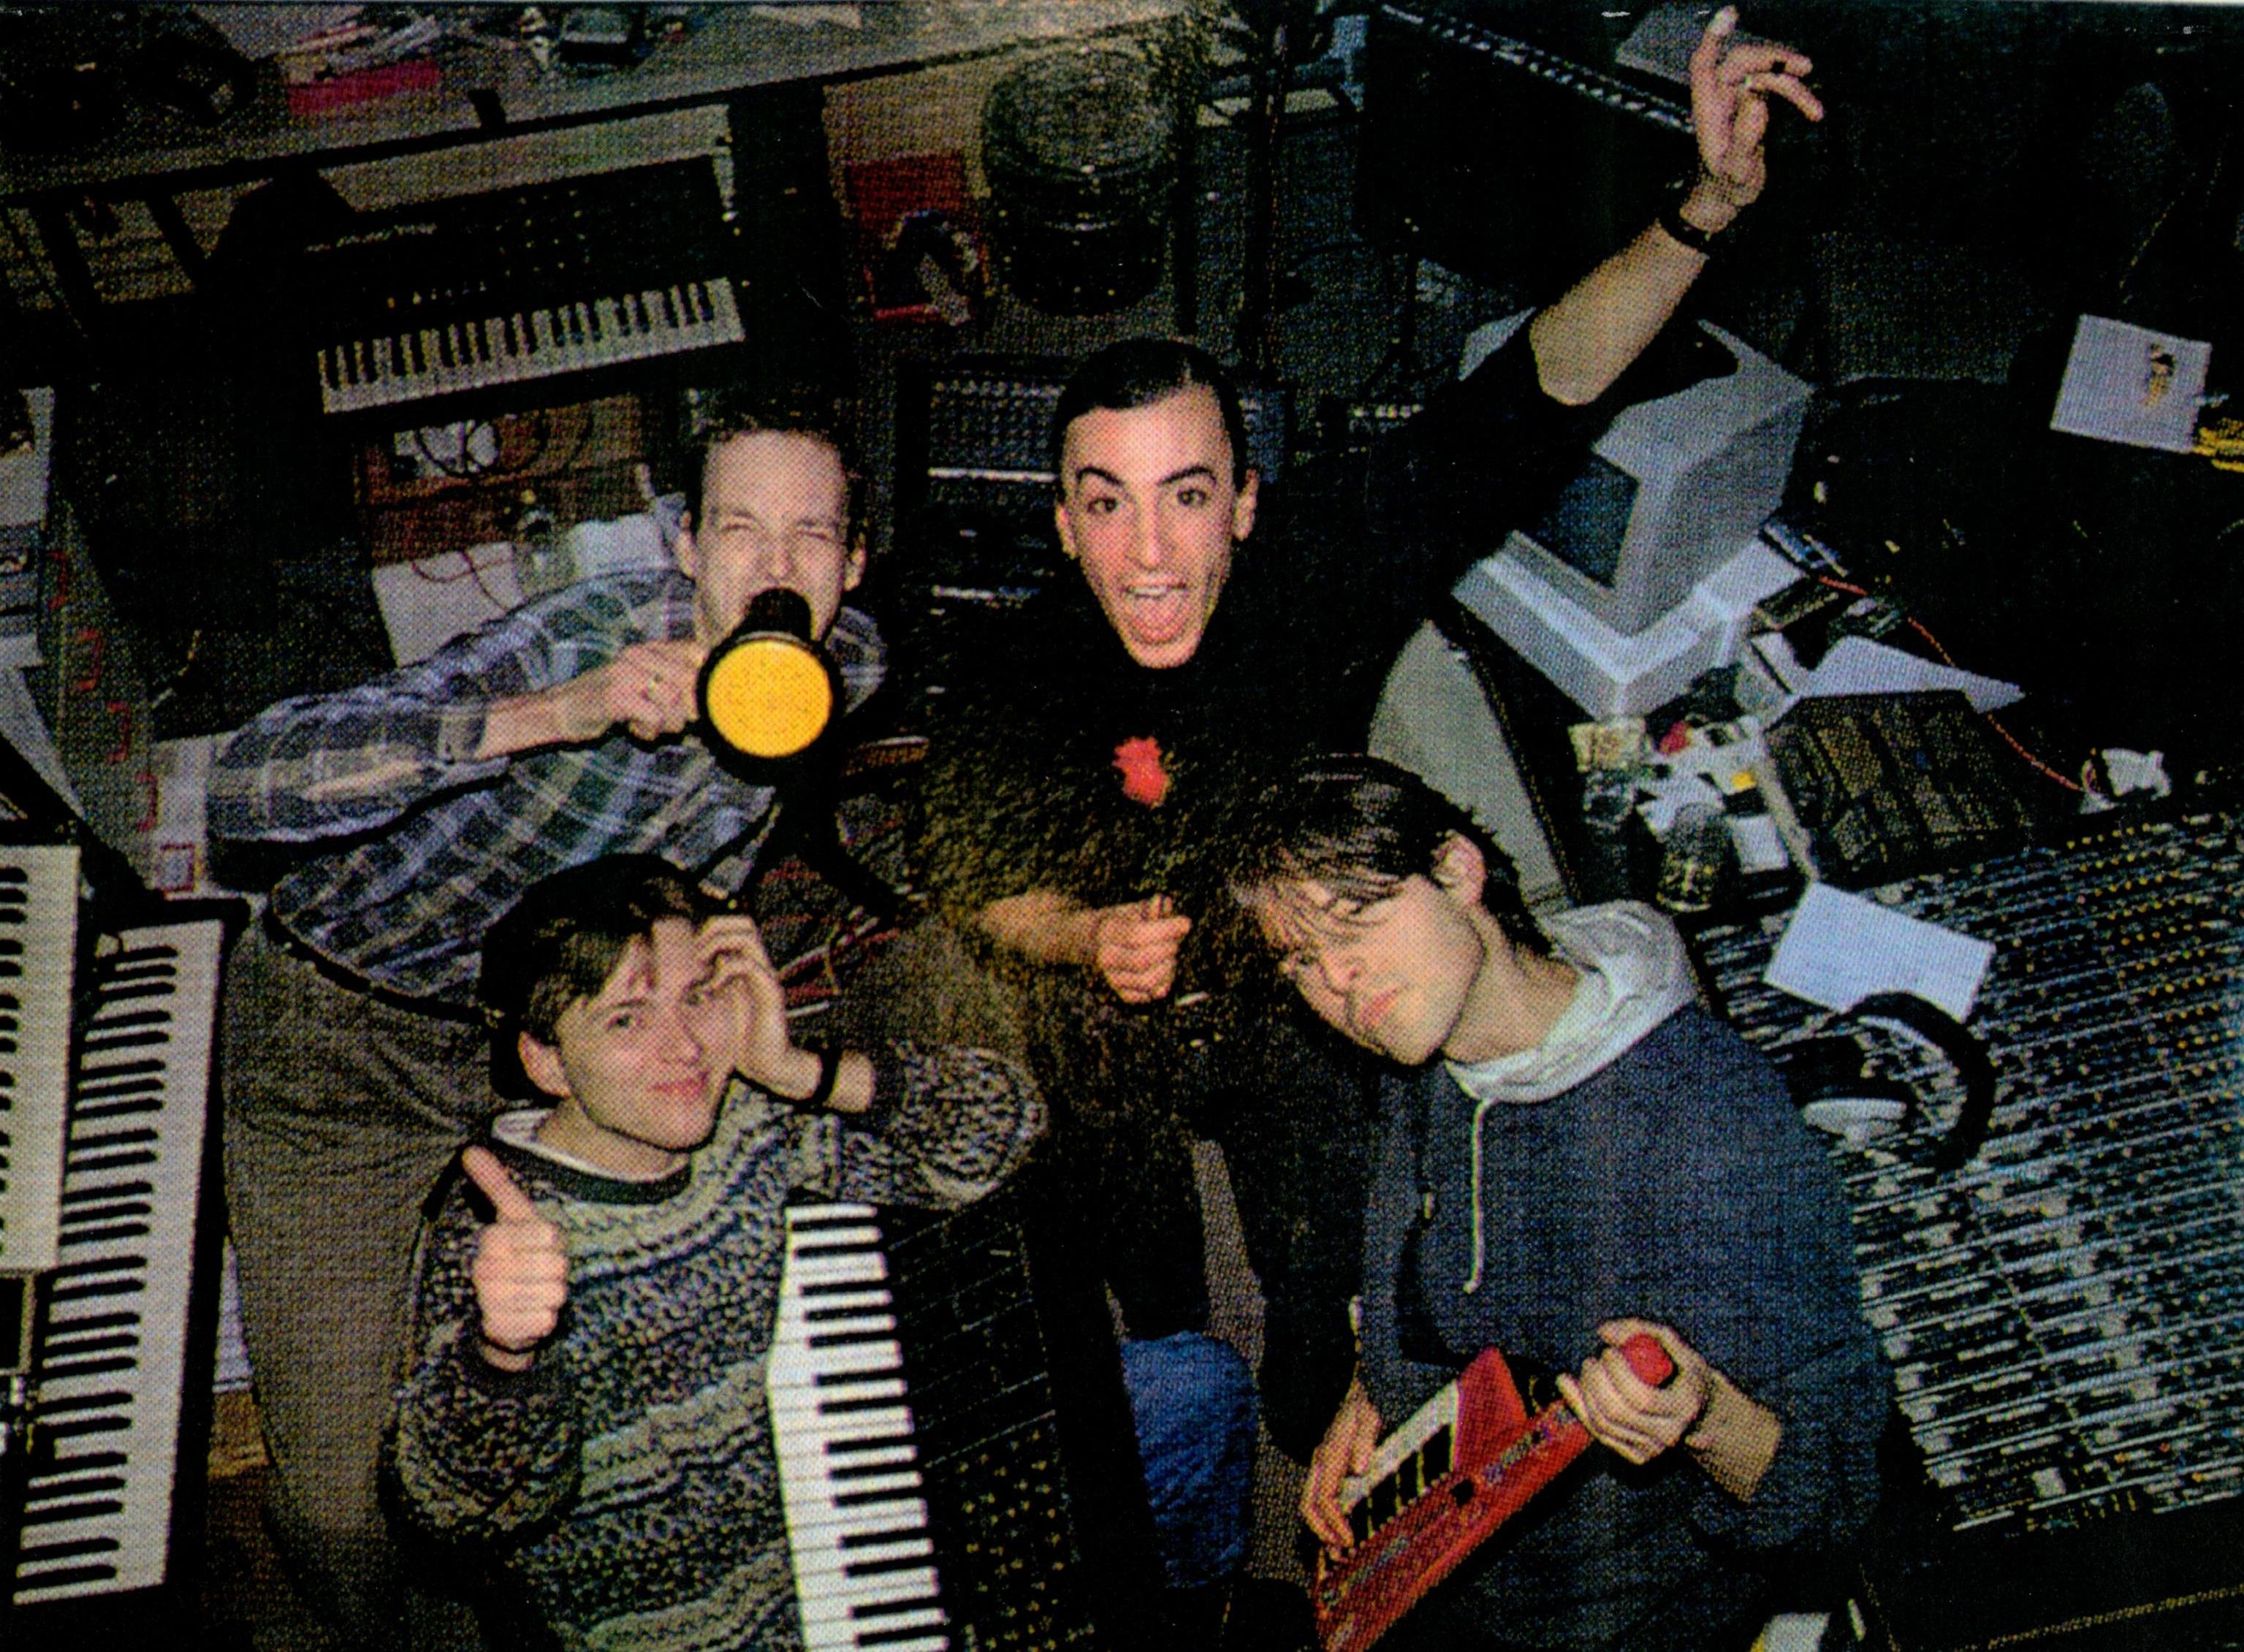 Mijk van Dijk, Johannes Wöhrl, Madeo and Johannes Talirz in the studio